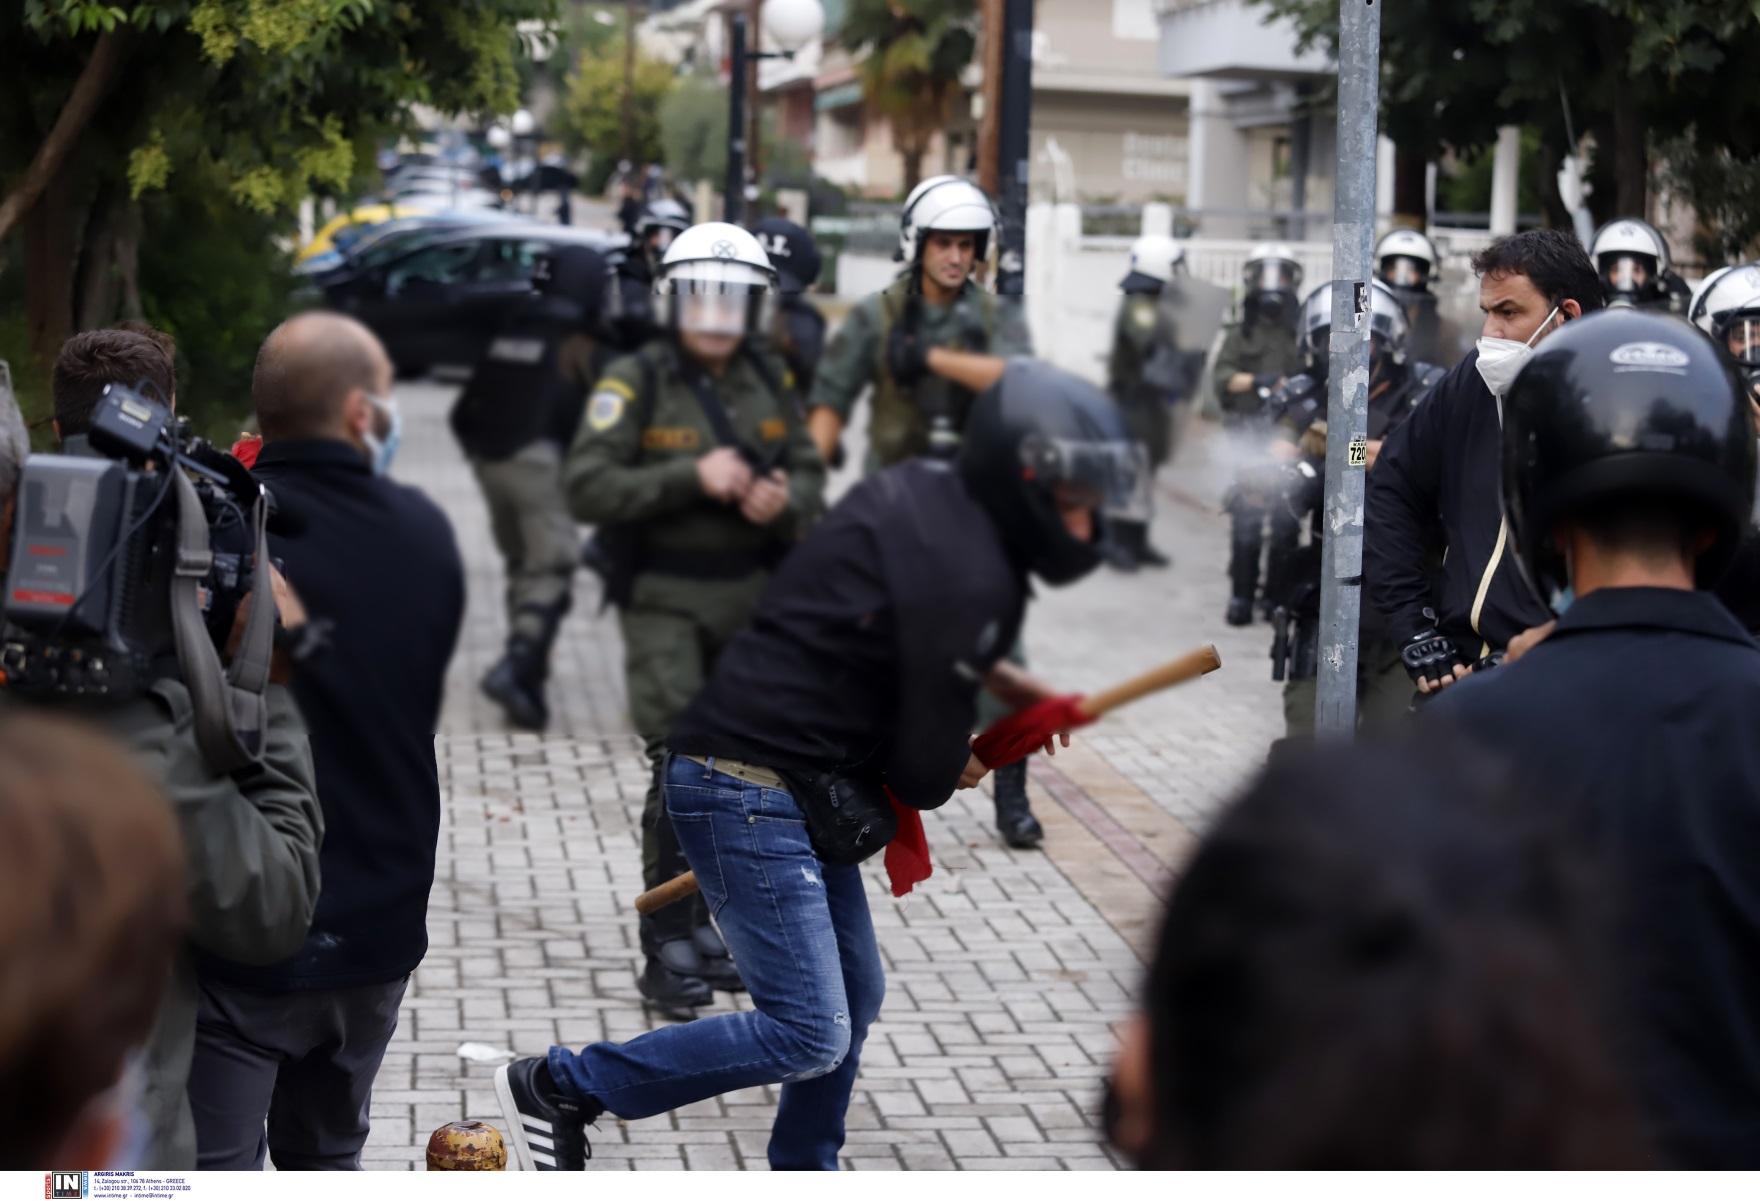 ΕΠΑΛ Σταυρούπολης – ΟΛΜΕ: Αποτροπιαστικά τα γεγονότα – Αιχμές για Νίκη Κεραμέως